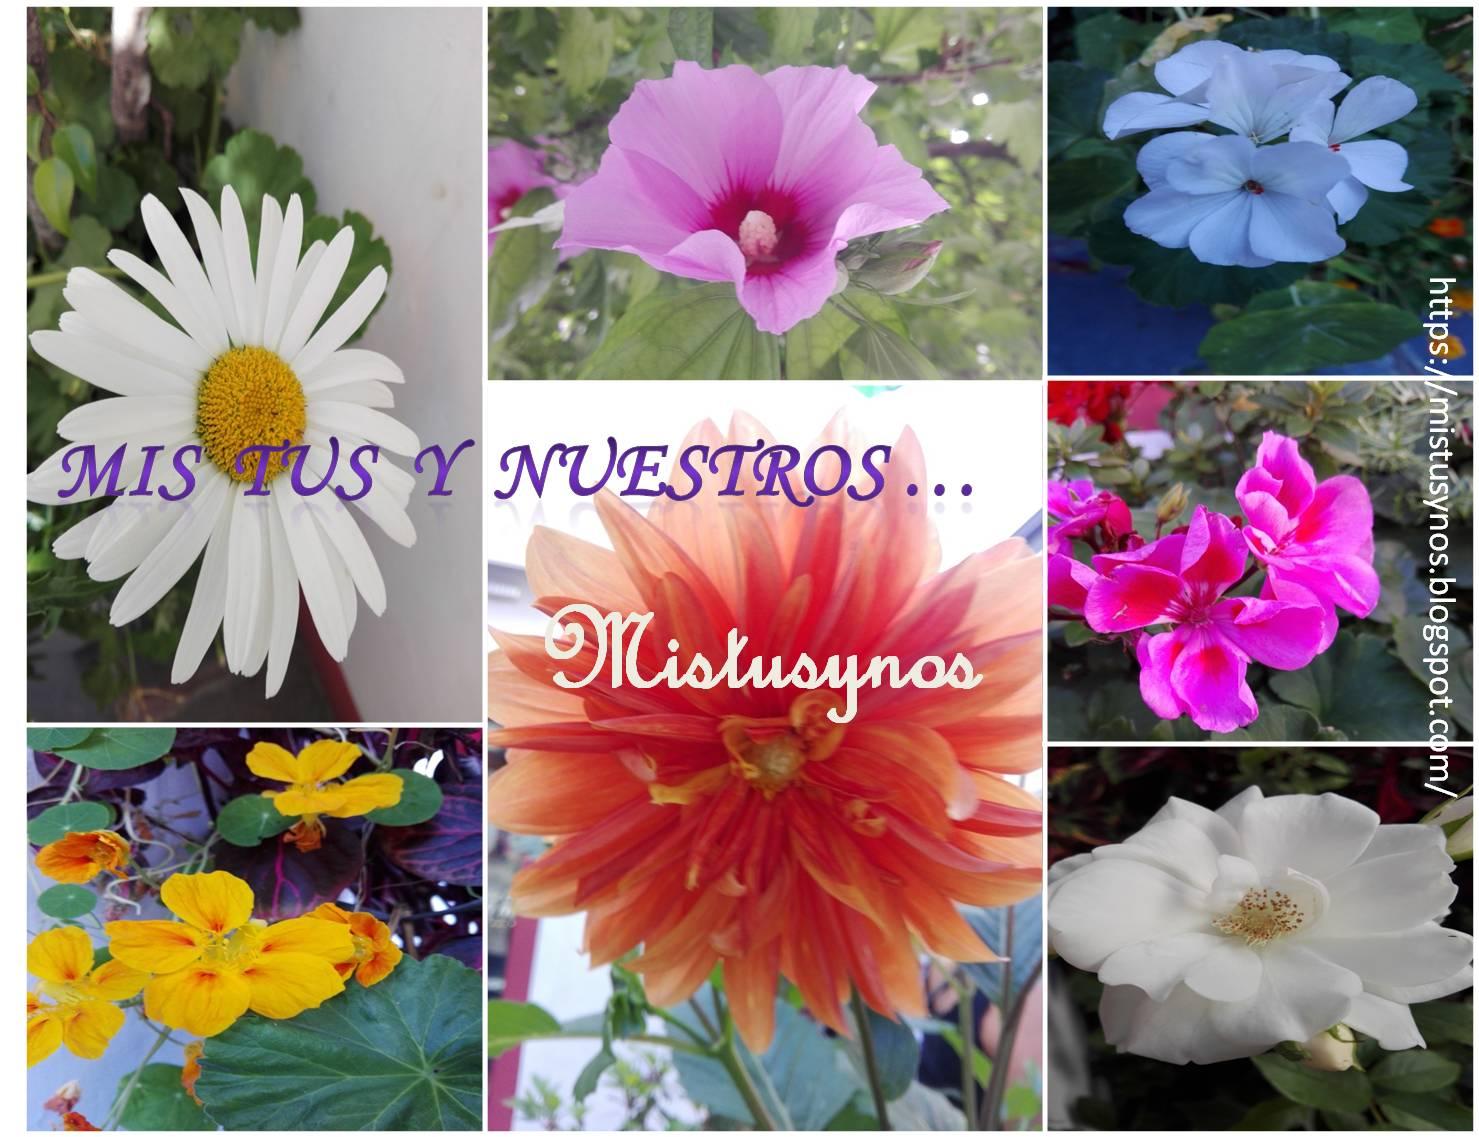 Mistusynos... Mis, tus y nuestros